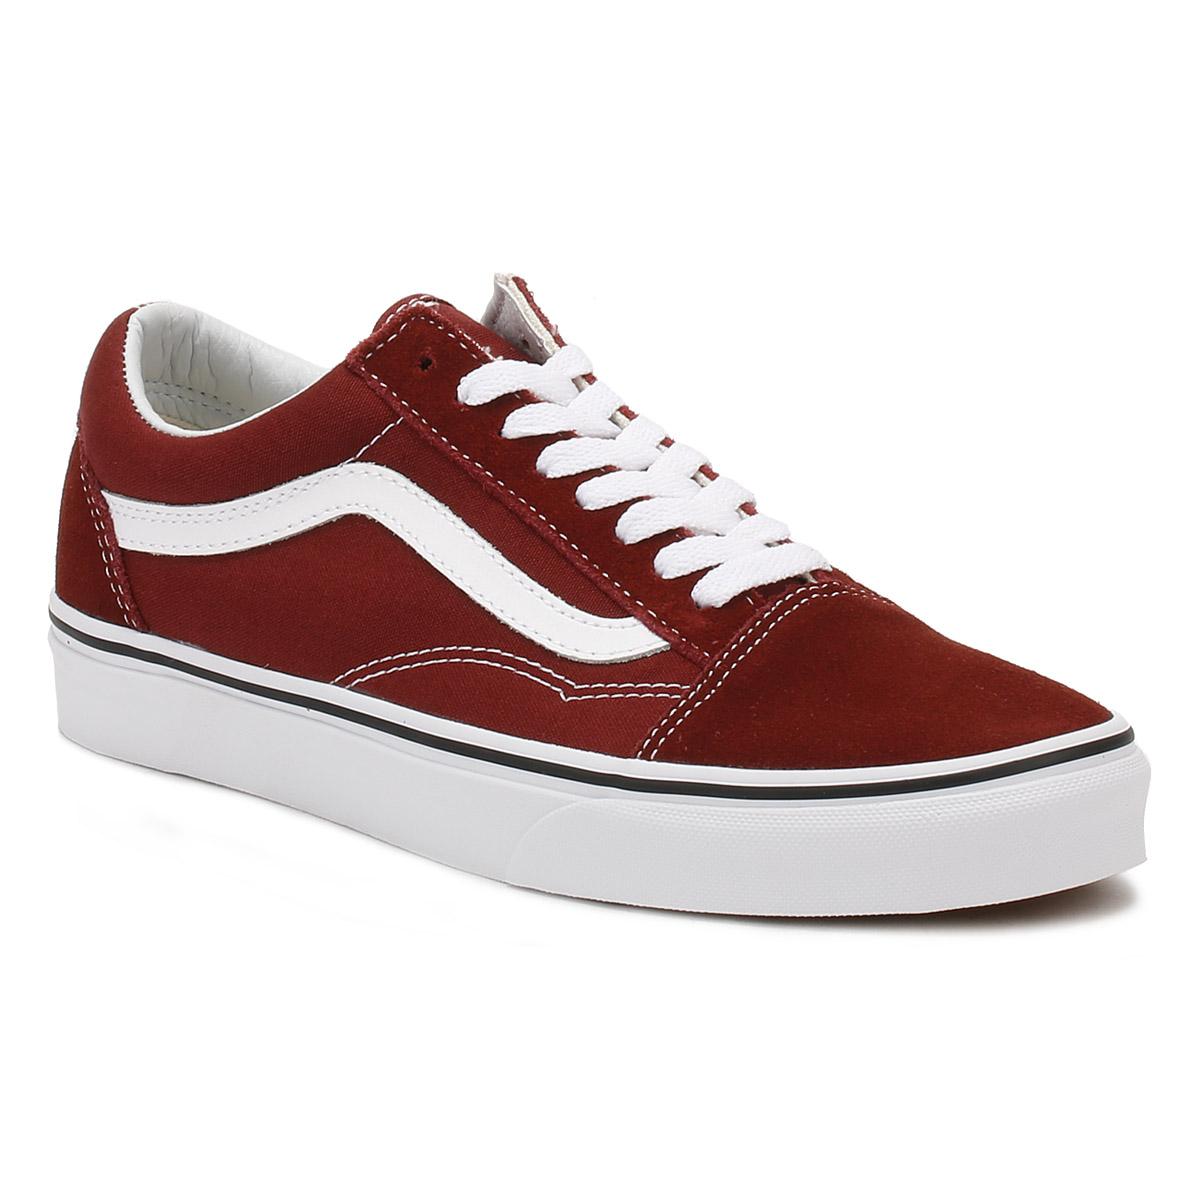 1152f7ef83b5 Vans Mens Madder Brown Old Skool Trainers